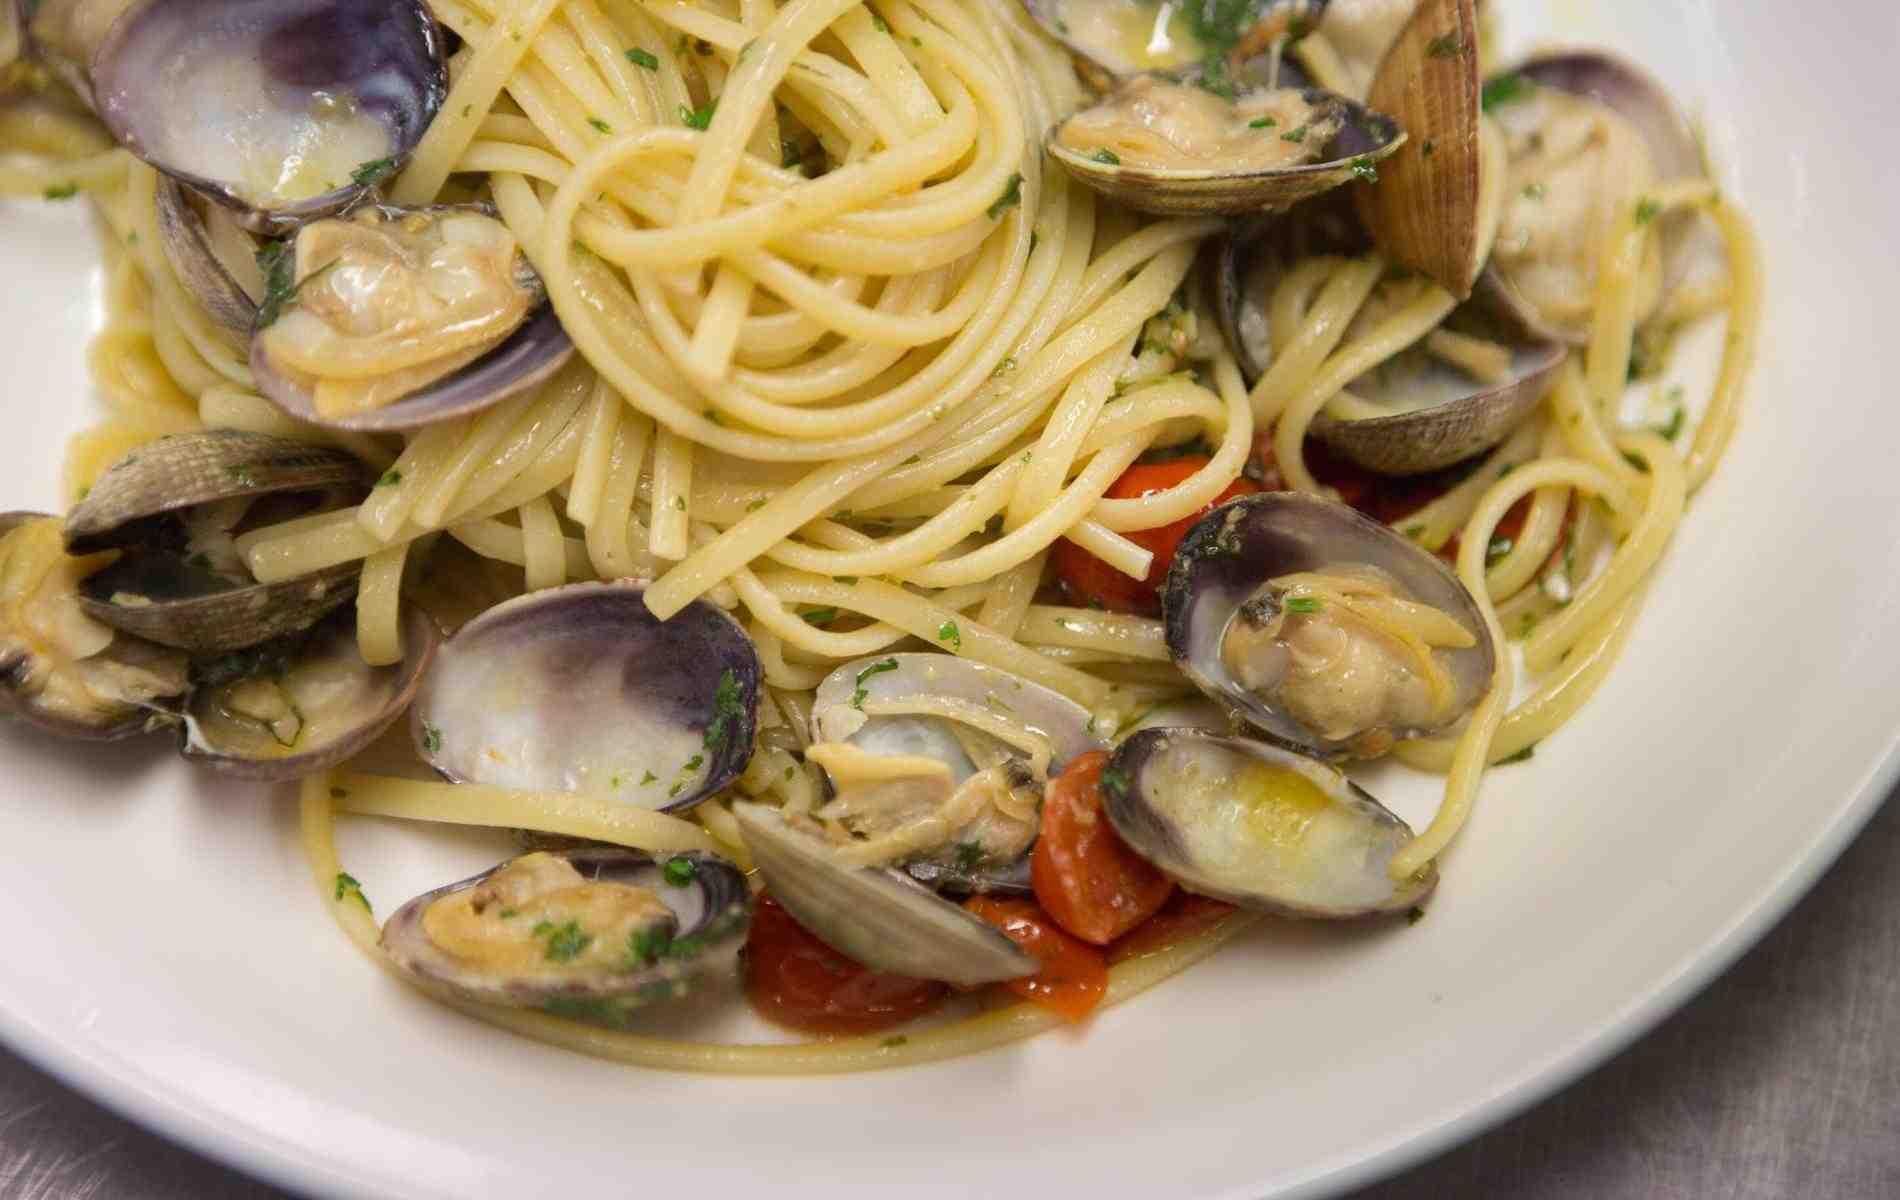 Où manger des moules et des frites en Normandie?